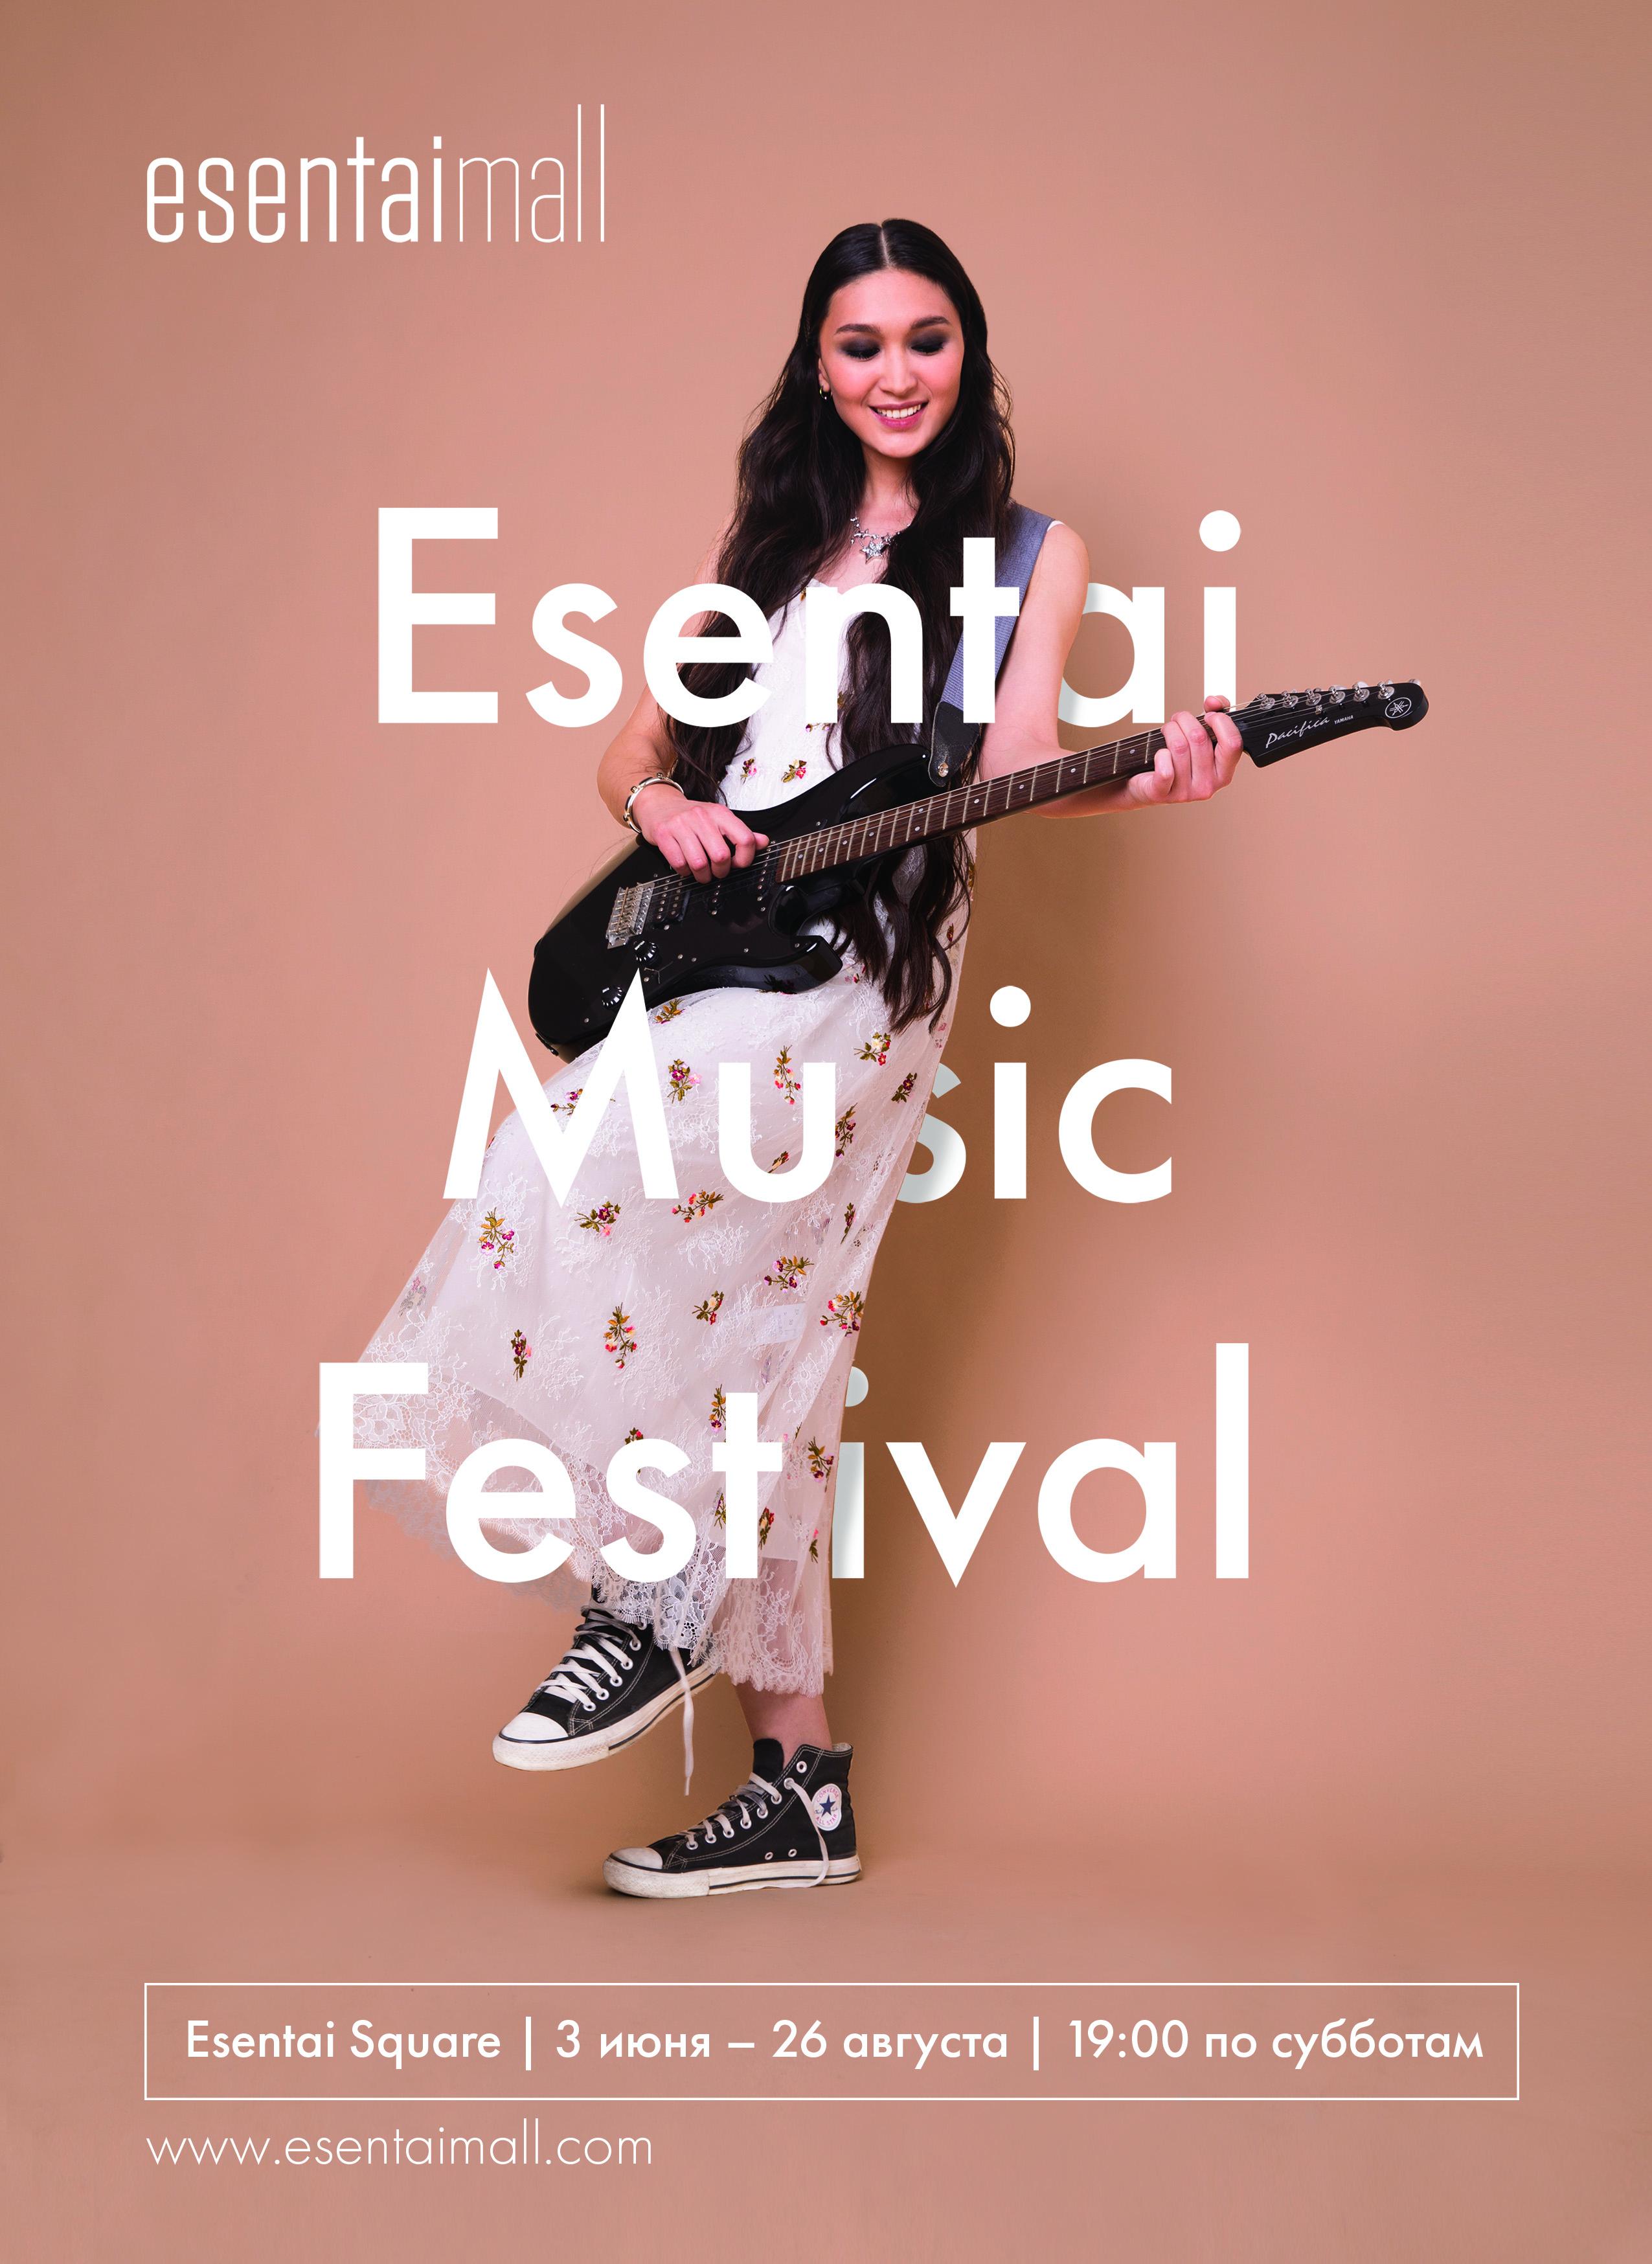 Музыкальное лето с Esentai Mall